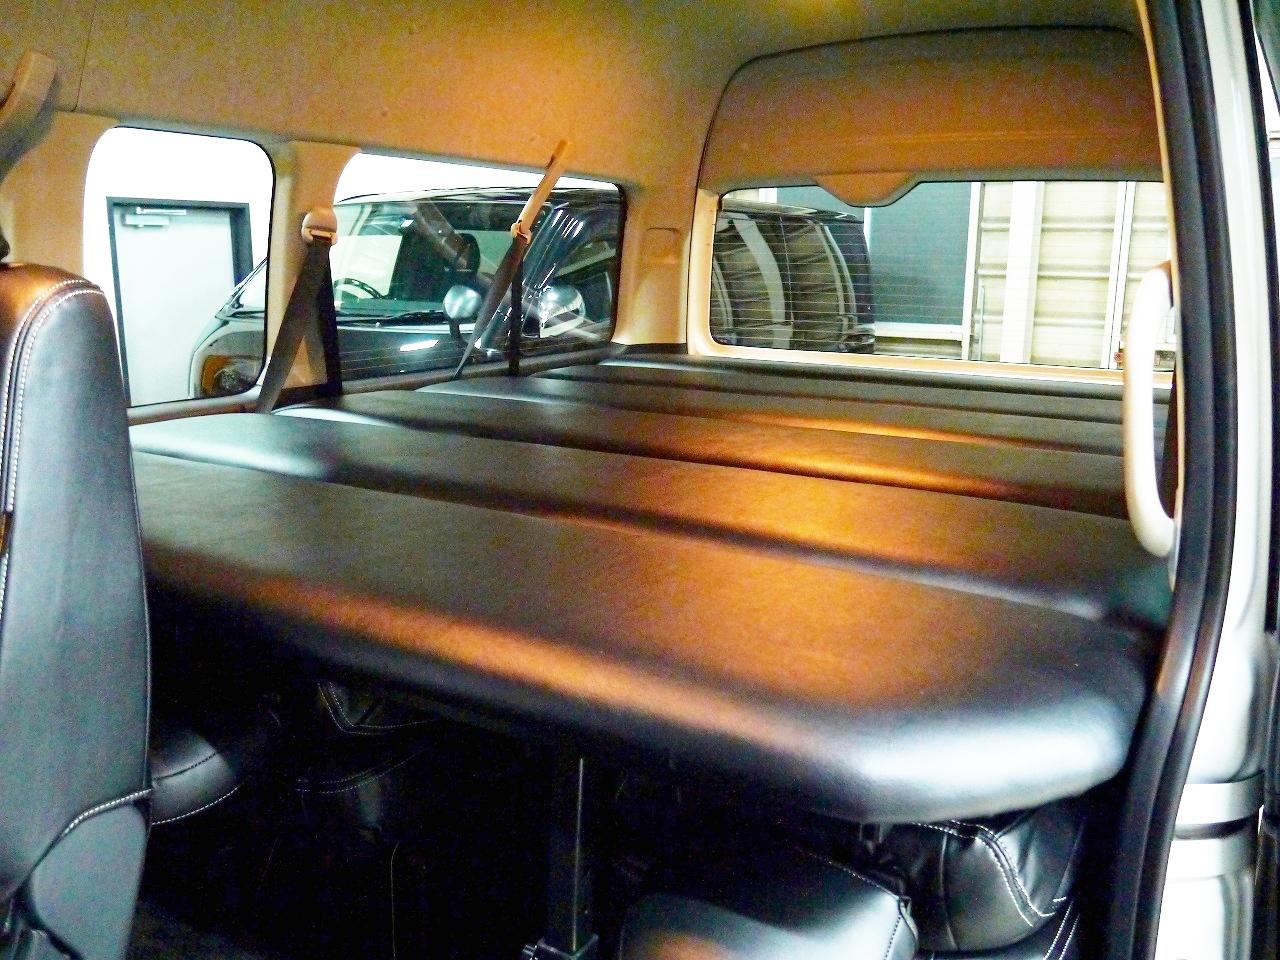 MGRカスタムズ:グランドキャビン専用ベッドキット